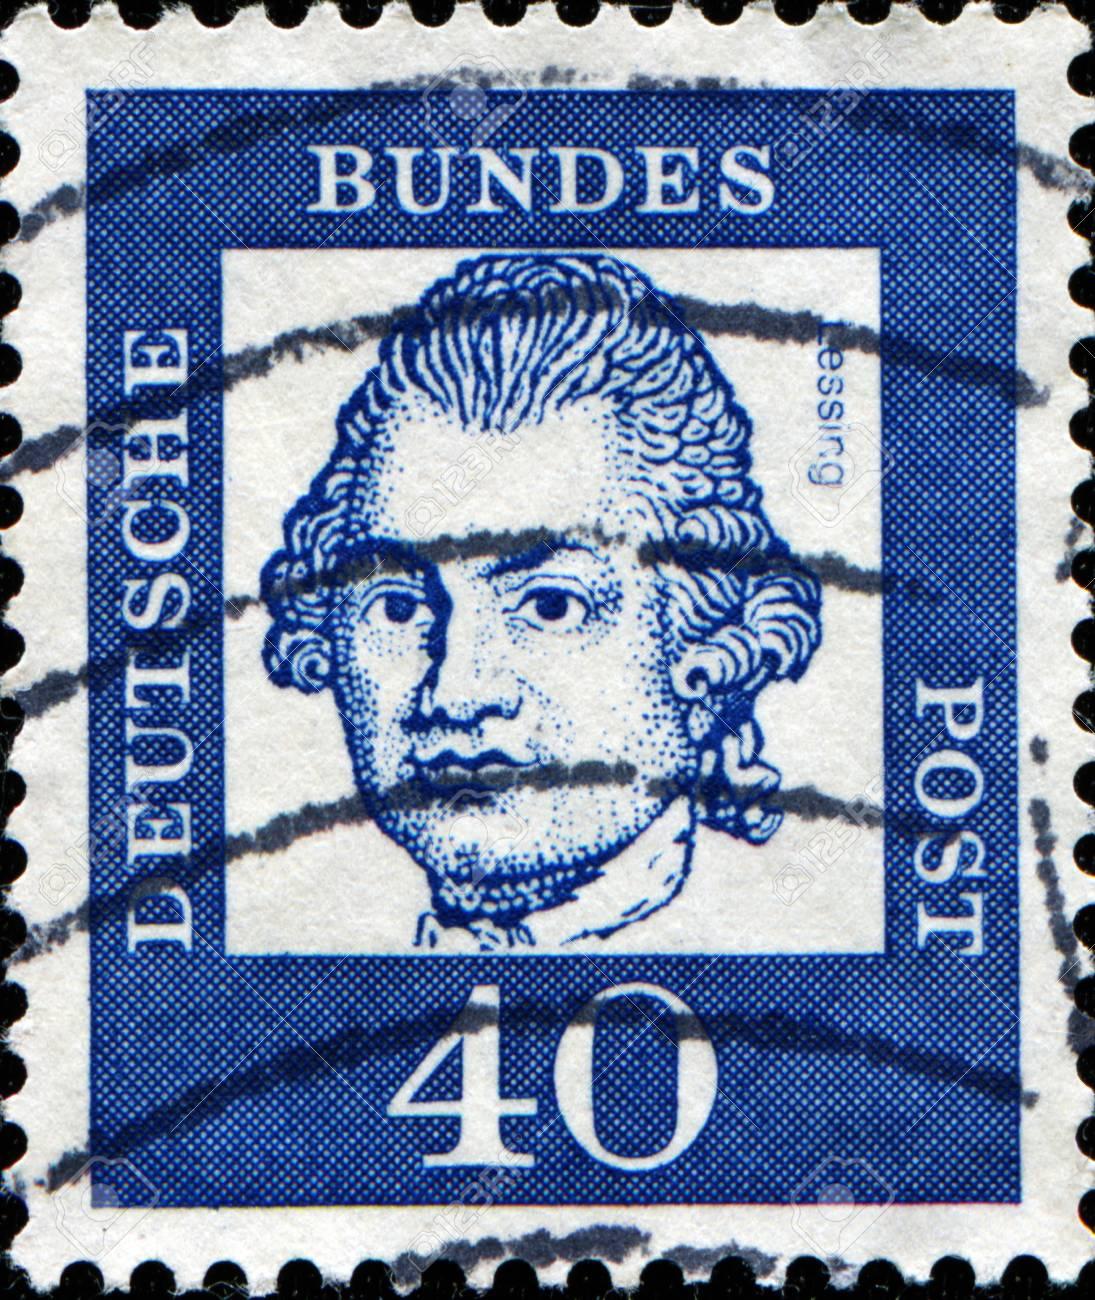 ドイツ - 1961 年頃: ドイツ連邦...